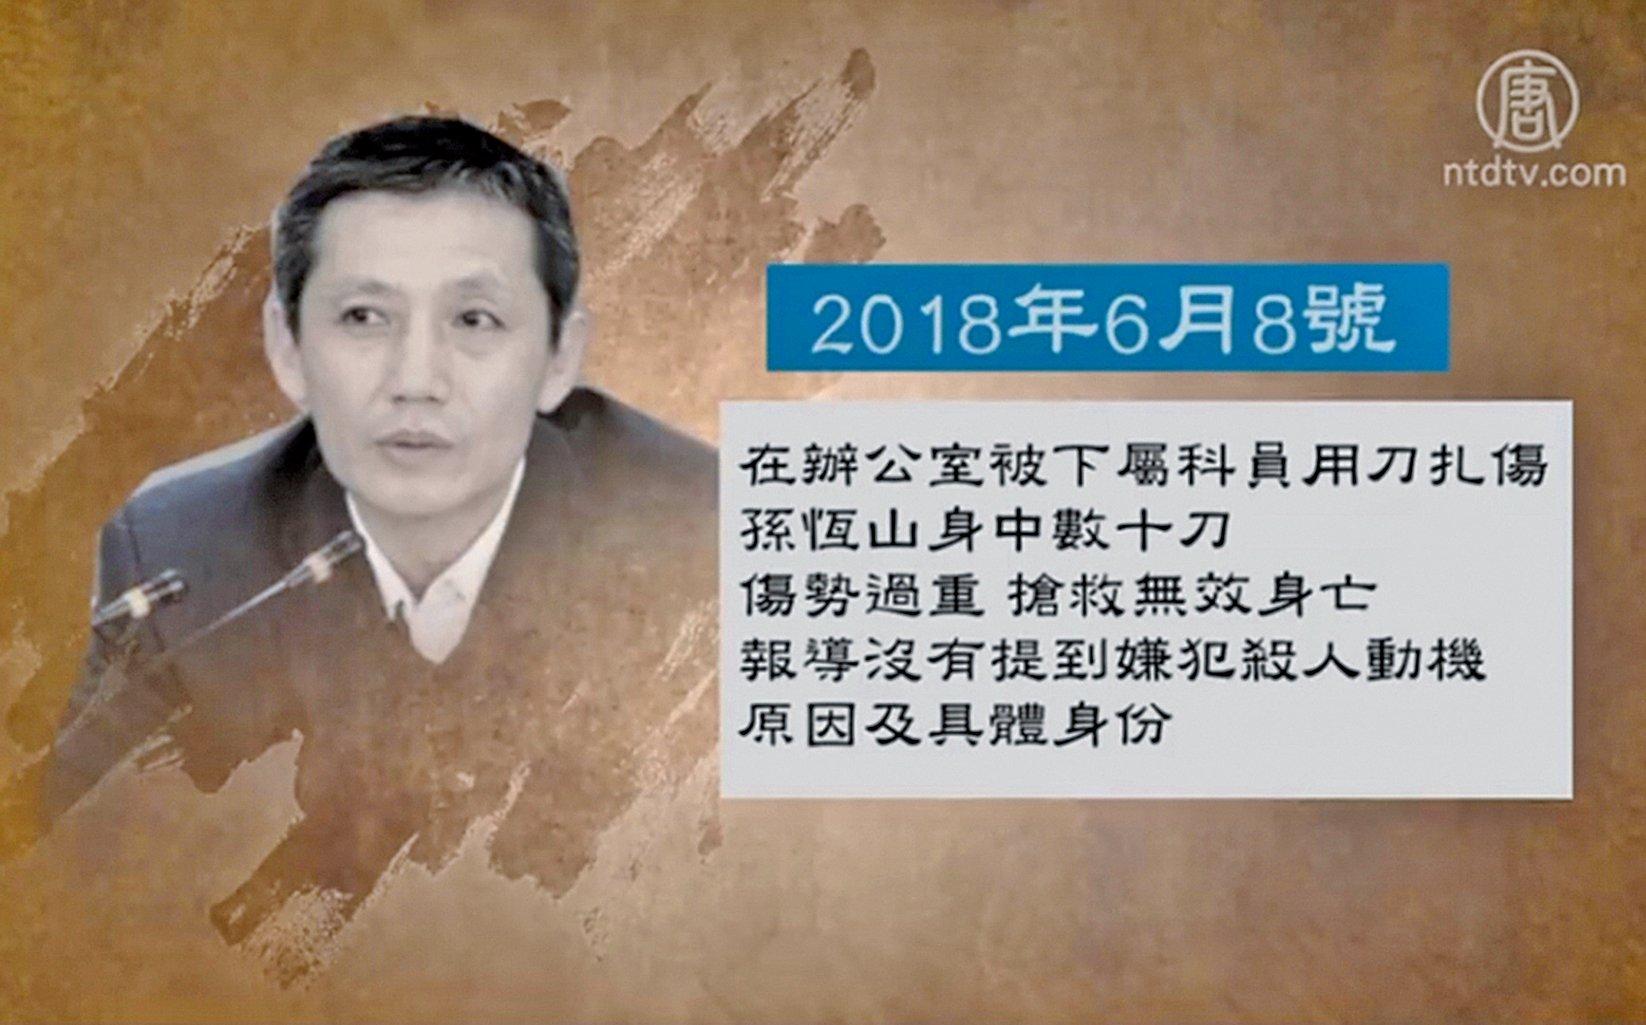 6月8日,吉林前「610」辦公室主任孫恆山,被下屬持刀刺殺數十刀身亡。(視頻截圖)